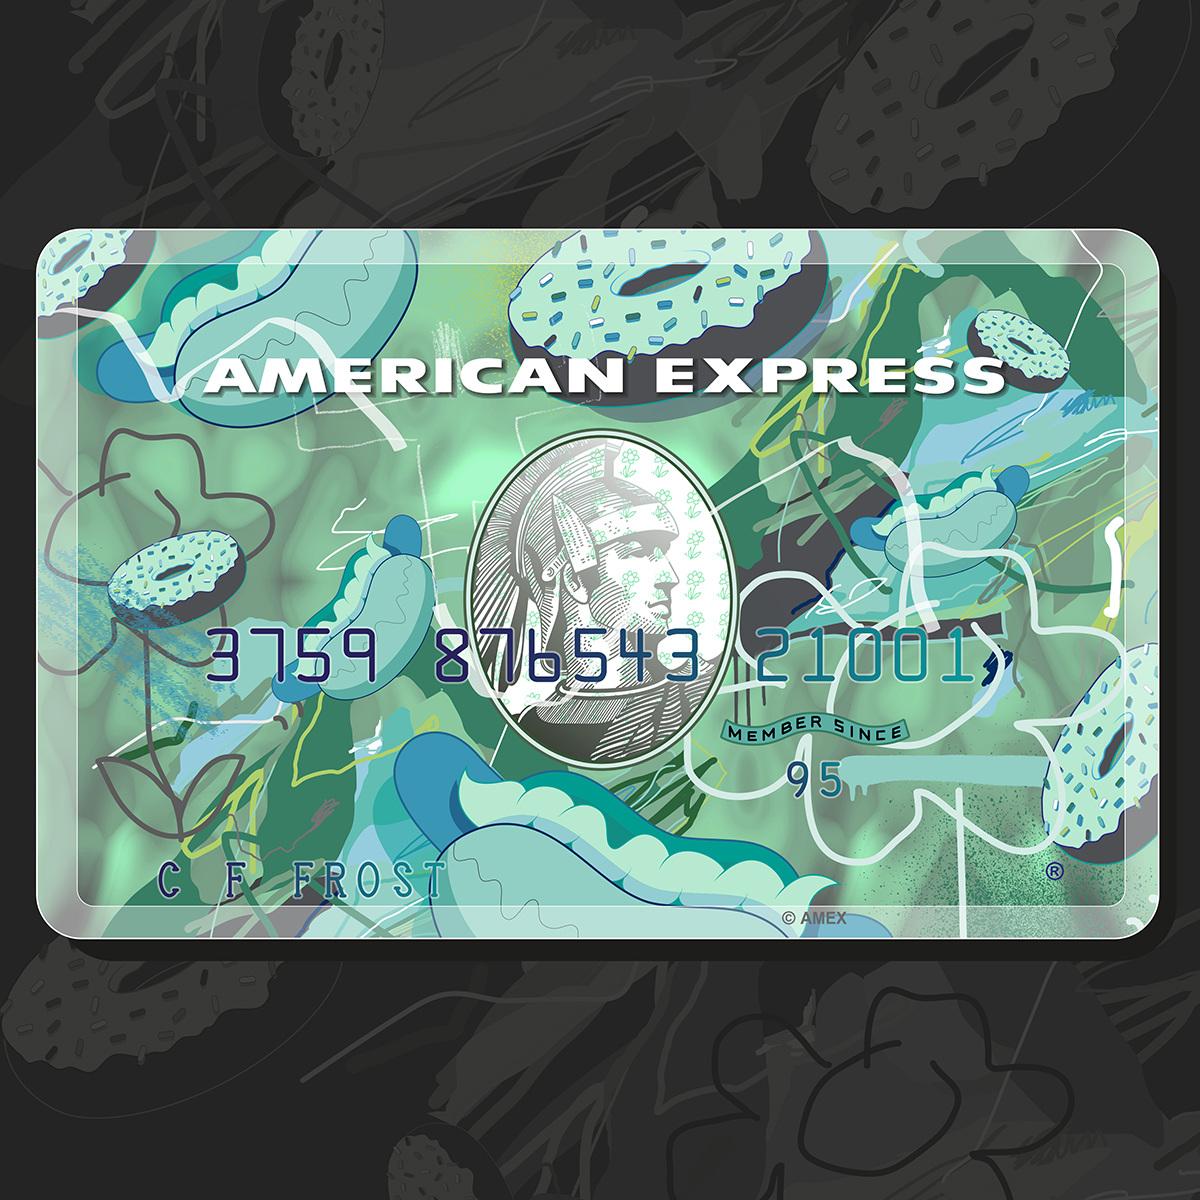 AMEX: Green card